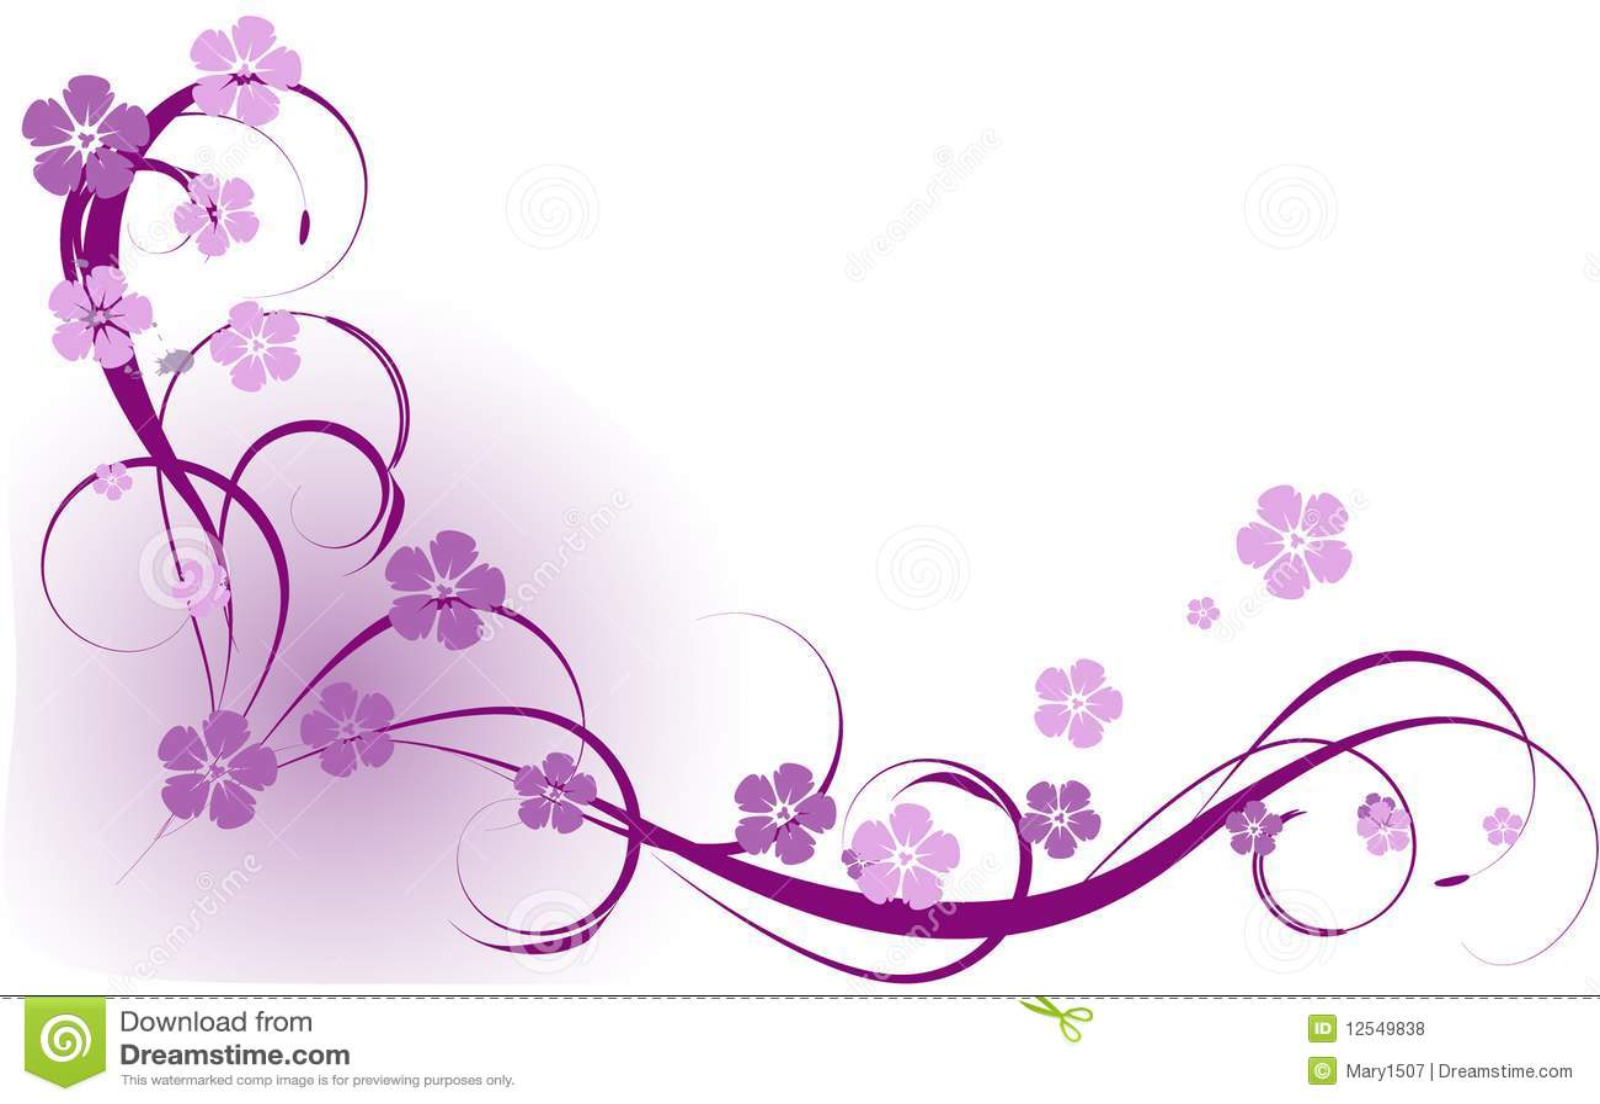 violette pink